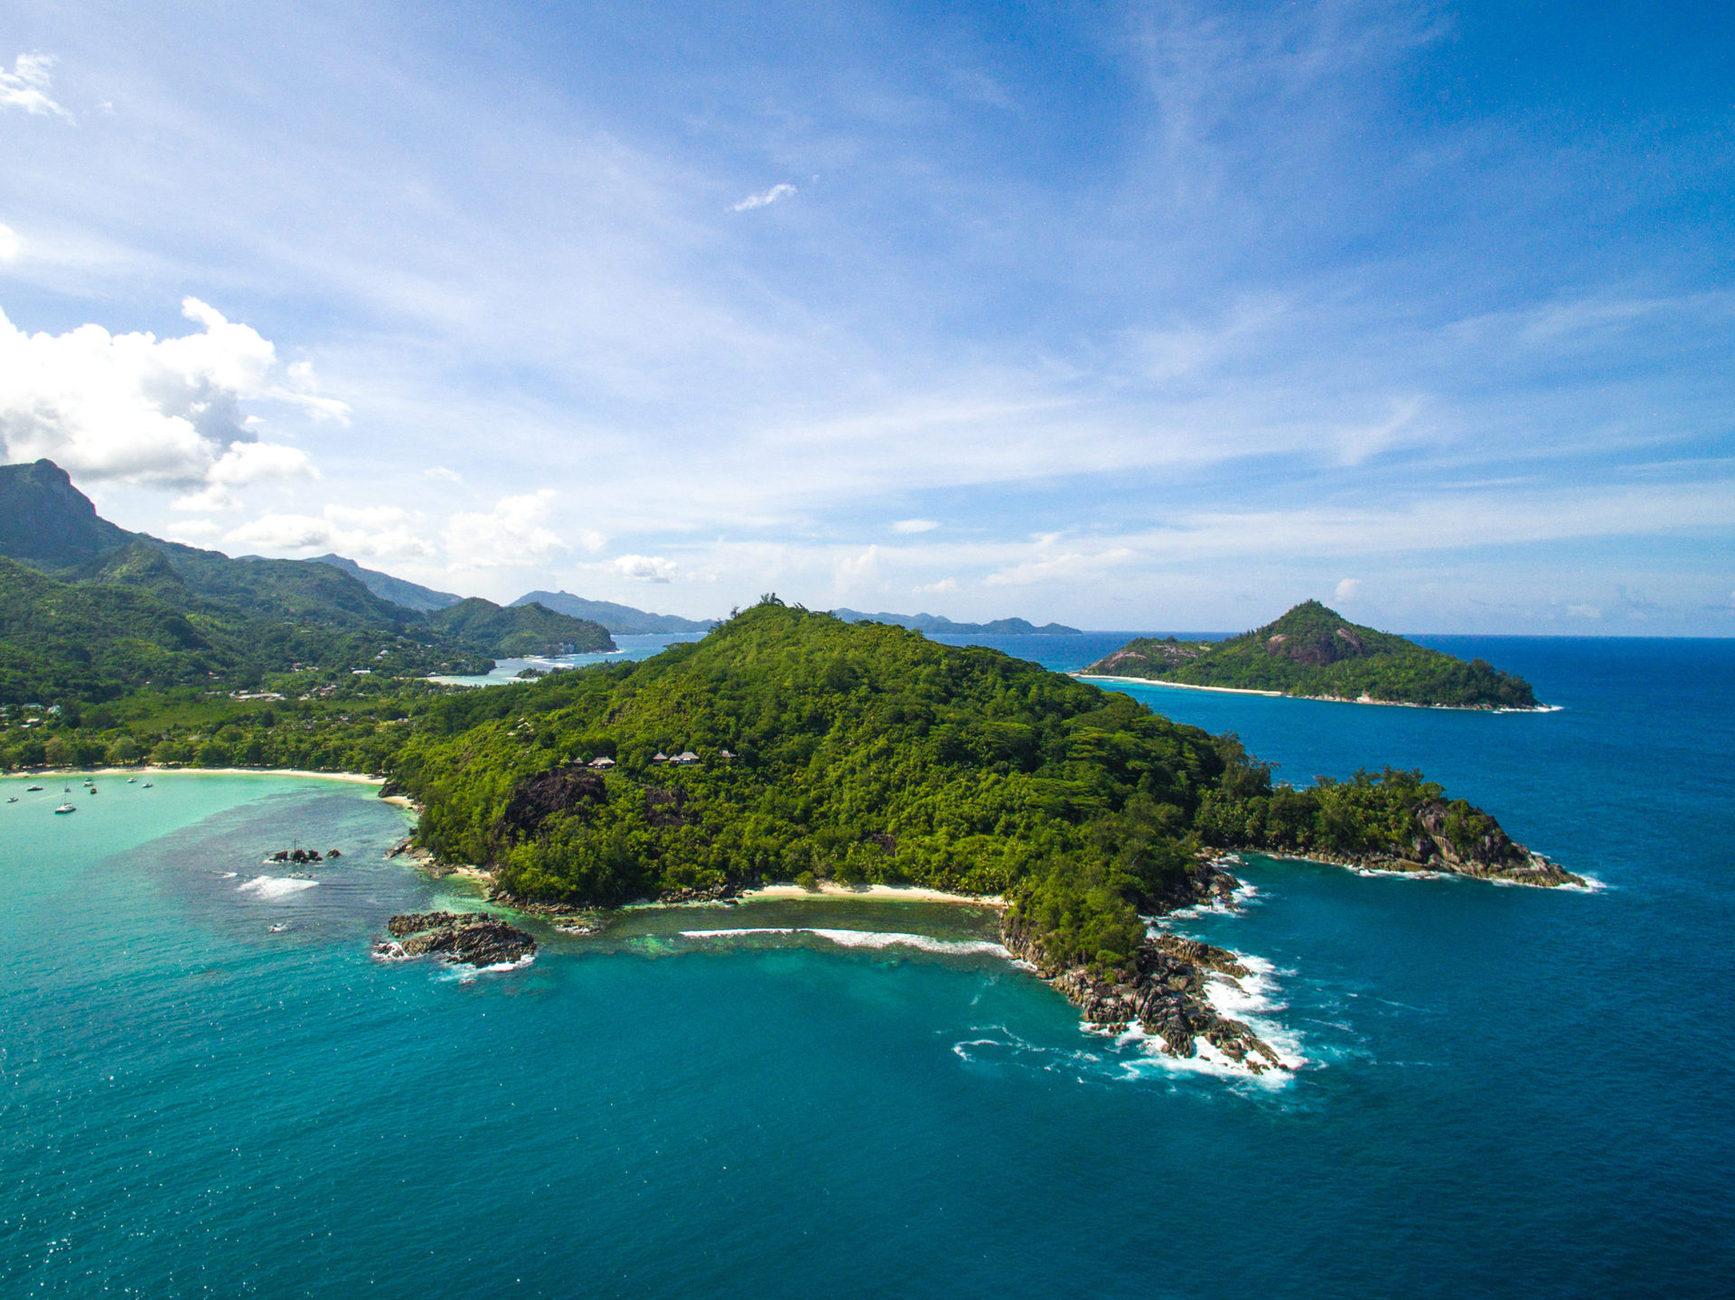 Готель розташований на острові Mahé, навпроти природного заповідника Port Launay, куди ви можете вирушити на екскурсію та поринути у світ дикої екзотичної природи